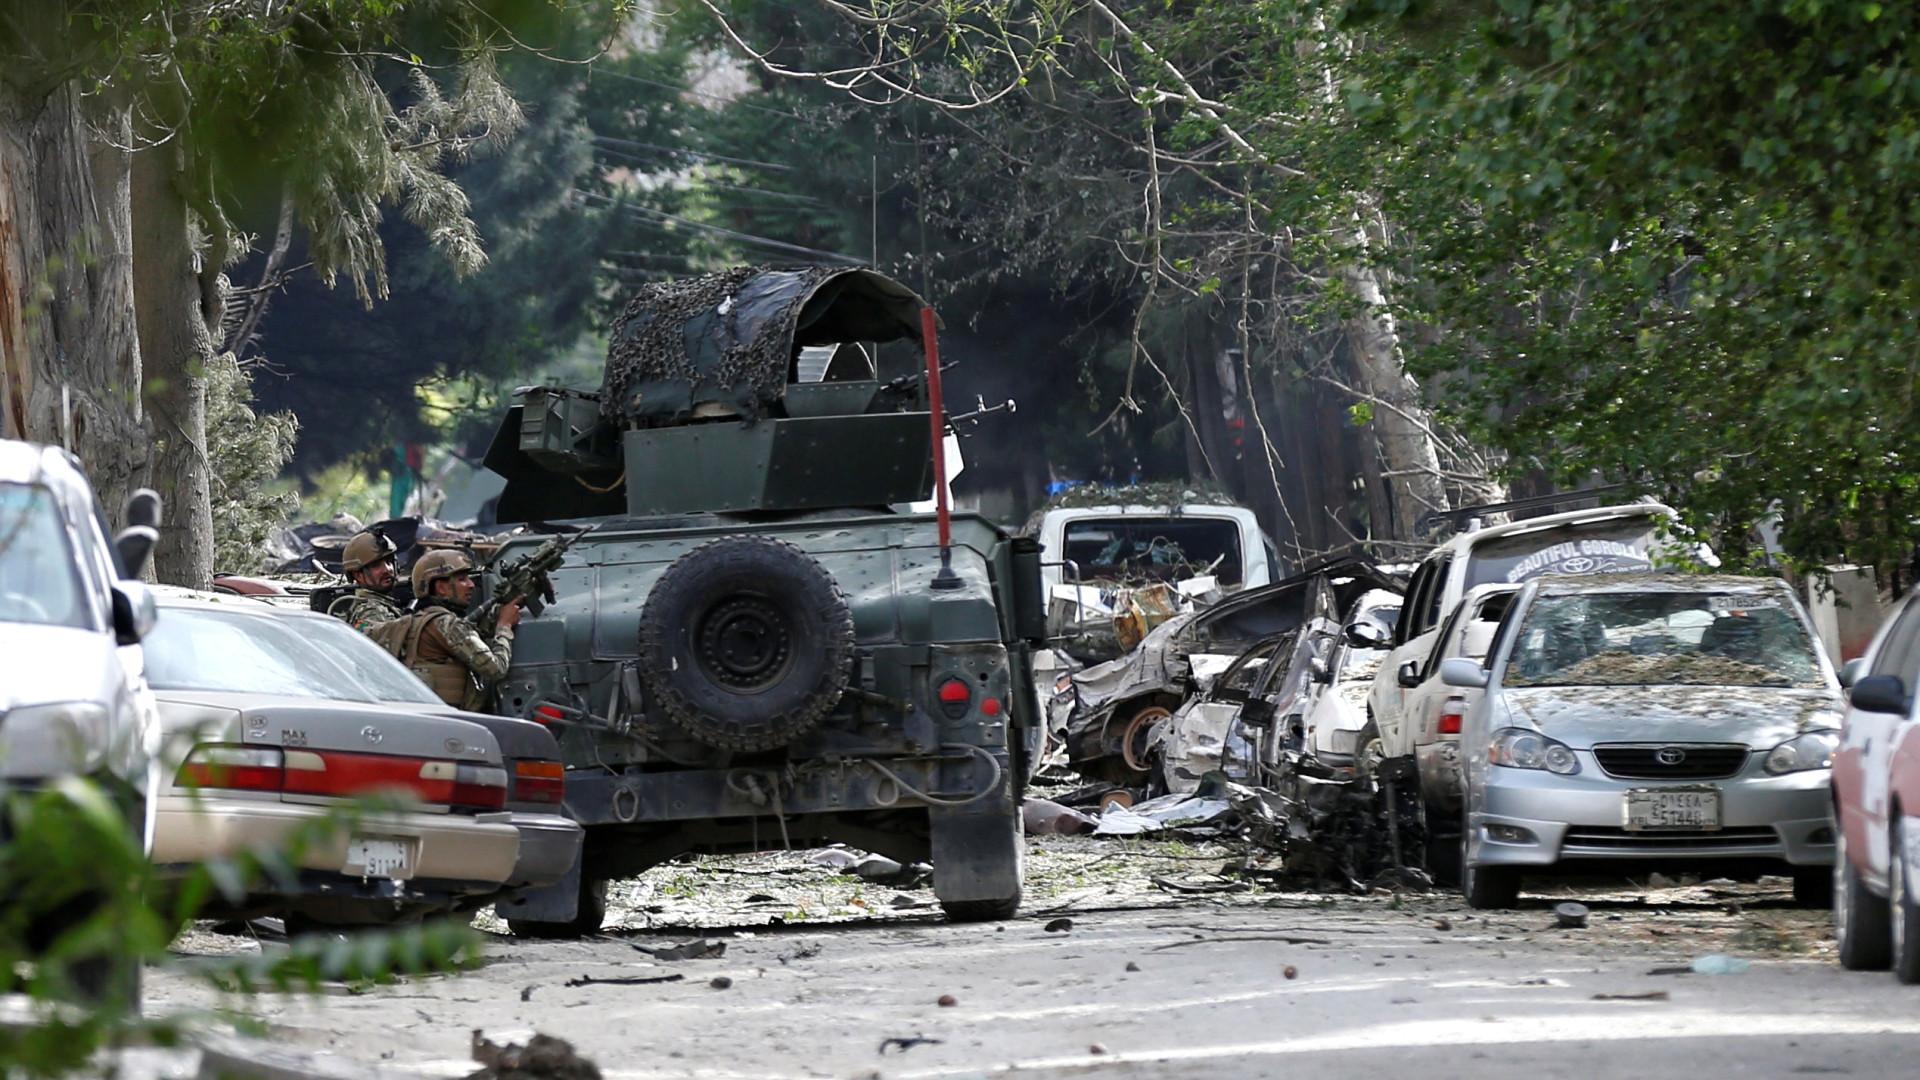 Afeganistão: Pelo menos 9 civis morrem em bombardeamento dos EUA